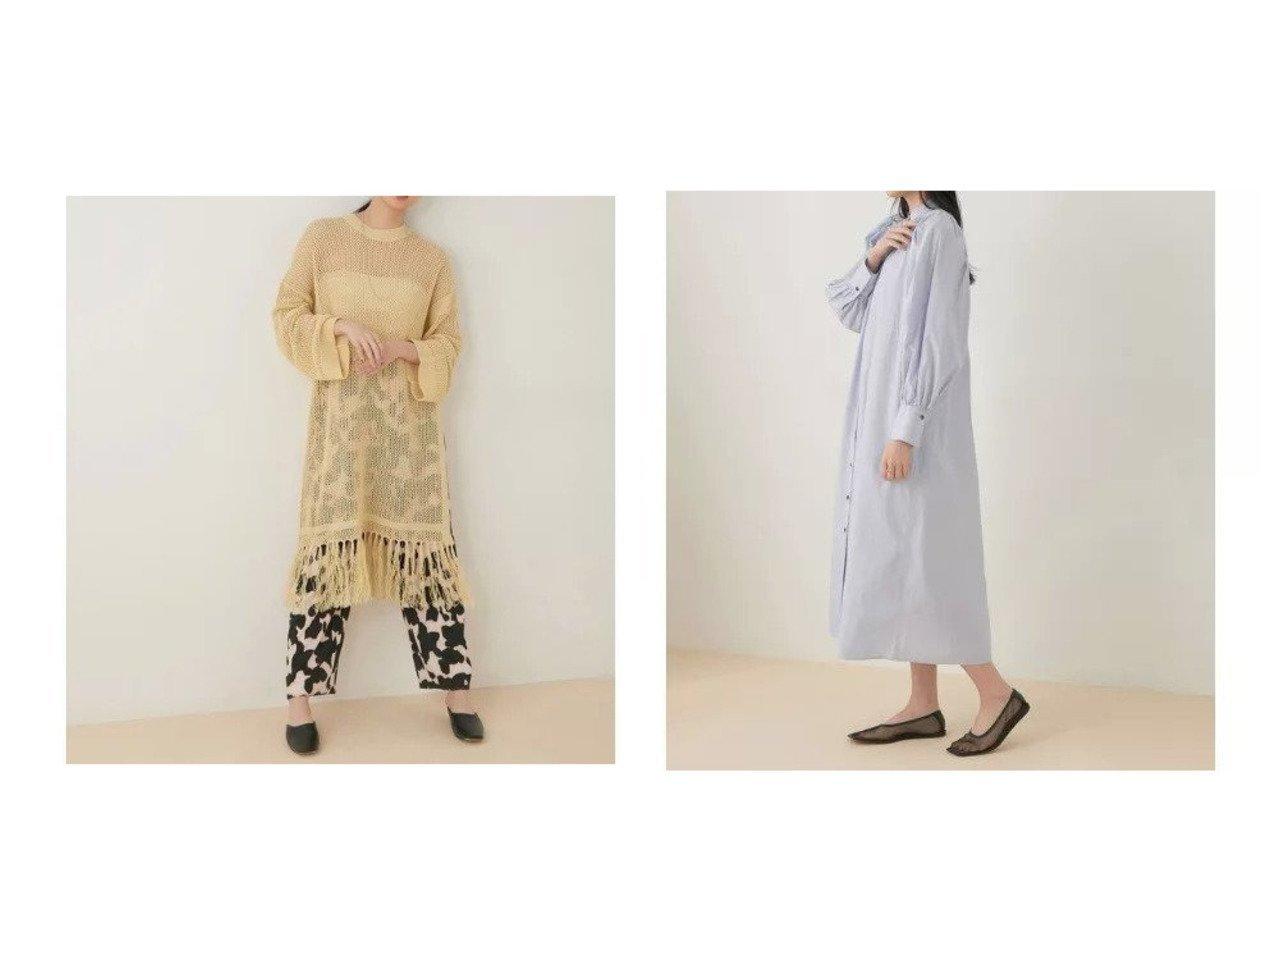 【ADAM ET ROPE'/アダム エ ロペ】のメッシュ編みロングスリーブワンピース&【WEB限定】バンドカラーフレアーシャツワンピース ROPEのおすすめ!人気、トレンド・レディースファッションの通販  おすすめで人気の流行・トレンド、ファッションの通販商品 メンズファッション・キッズファッション・インテリア・家具・レディースファッション・服の通販 founy(ファニー) https://founy.com/ ファッション Fashion レディースファッション WOMEN ワンピース Dress シャツワンピース Shirt Dresses 春 Spring シンプル スラックス スリット スリーブ タンク チュニック デニム 長袖 フリンジ ポケット メッシュ ロング 2021年 2021 S/S 春夏 SS Spring/Summer 2021 春夏 S/S SS Spring/Summer 2021 |ID:crp329100000018826